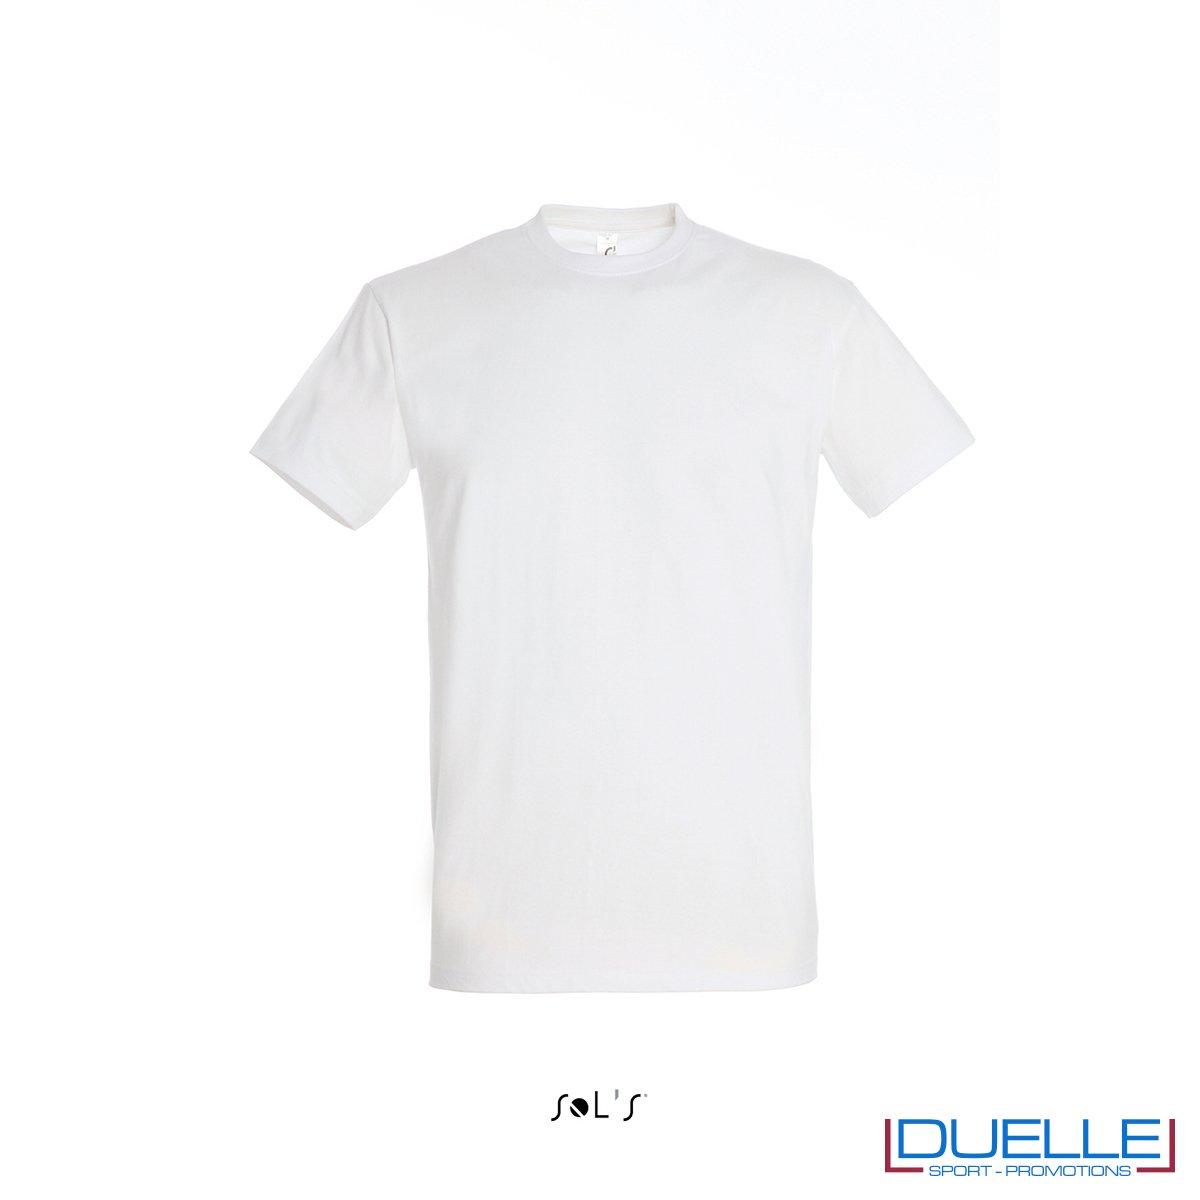 Maglietta promozionale in cotone pesante bianca personalizzata con ricamo o stampa